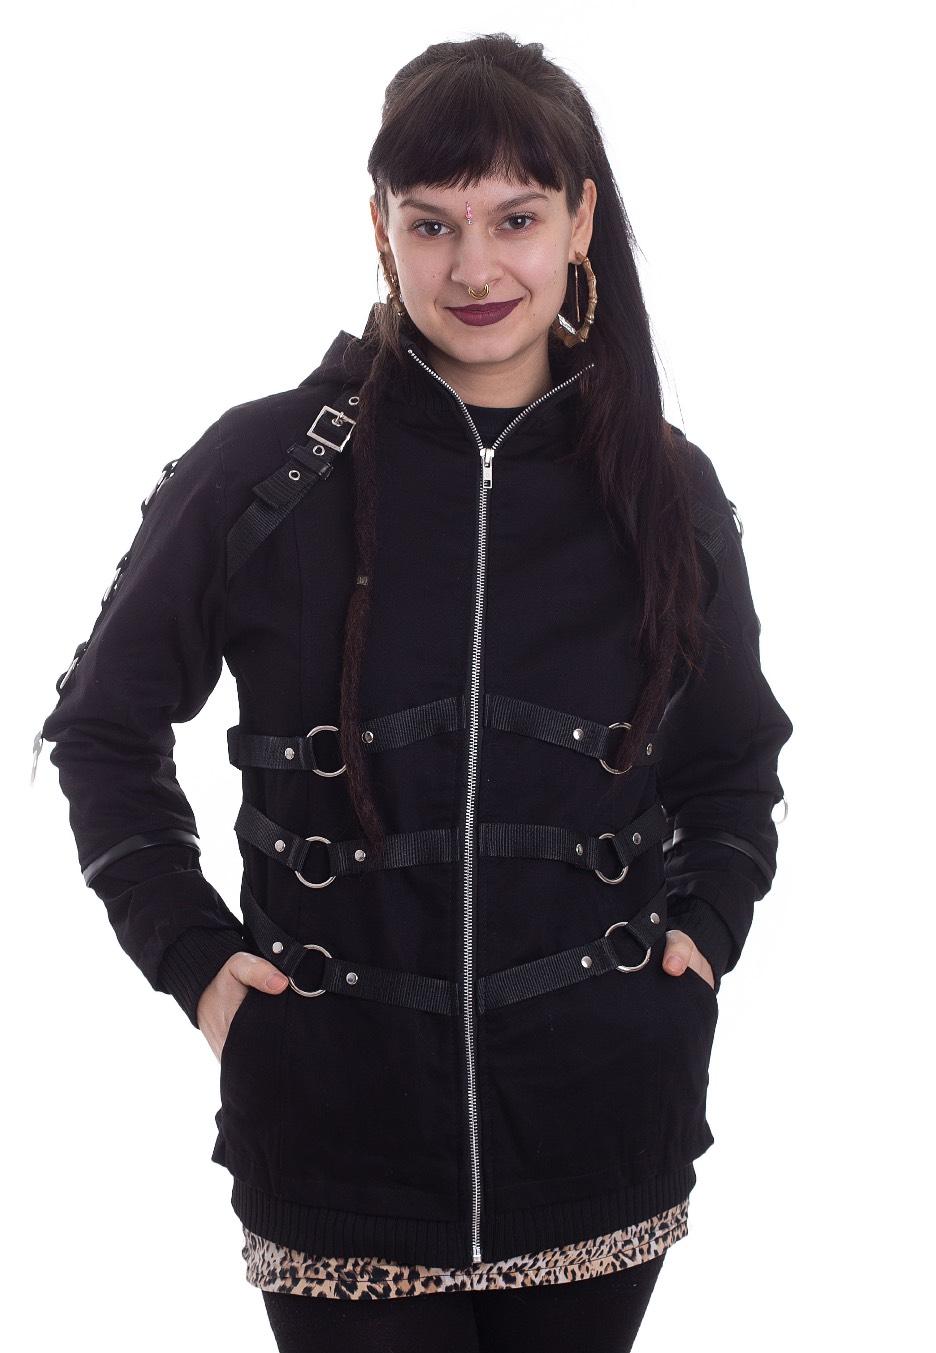 Jacken für Frauen - Chemical Black Vivien Black Jacken  - Onlineshop IMPERICON